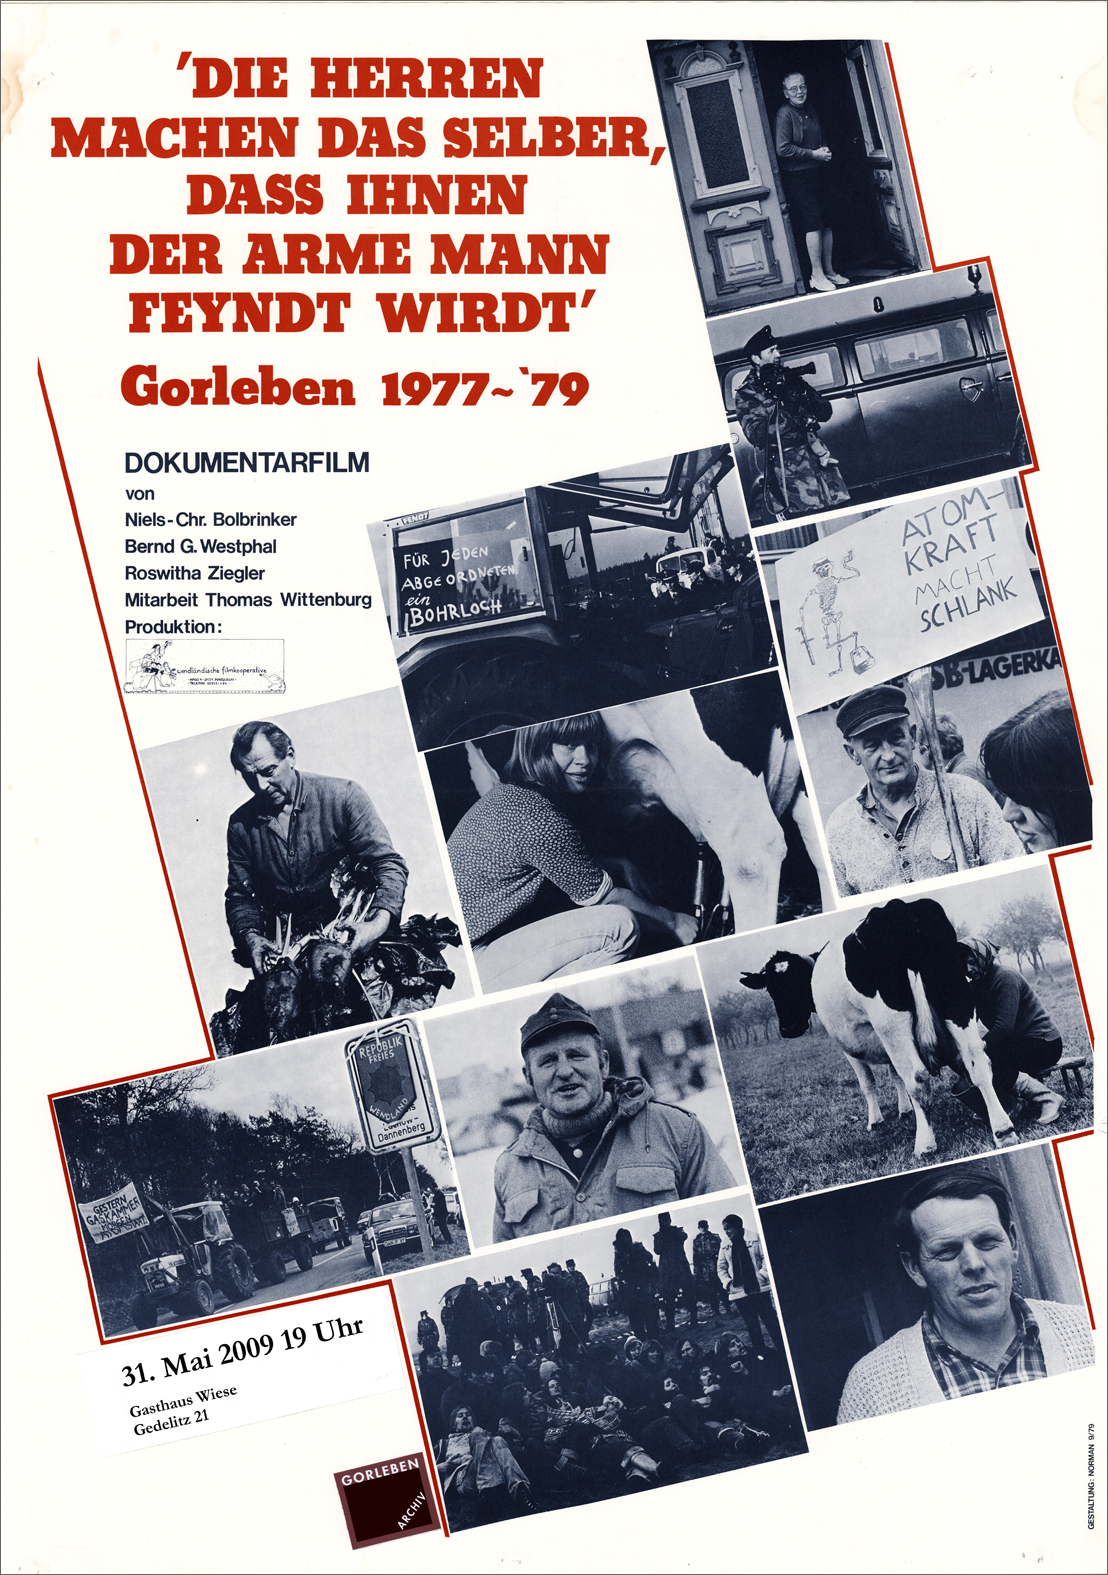 貧しい人がお偉方たちに敵意をもつように、お偉方たちの方からそう仕向けておいでになるのだ ゴアレーベン。1977-79年